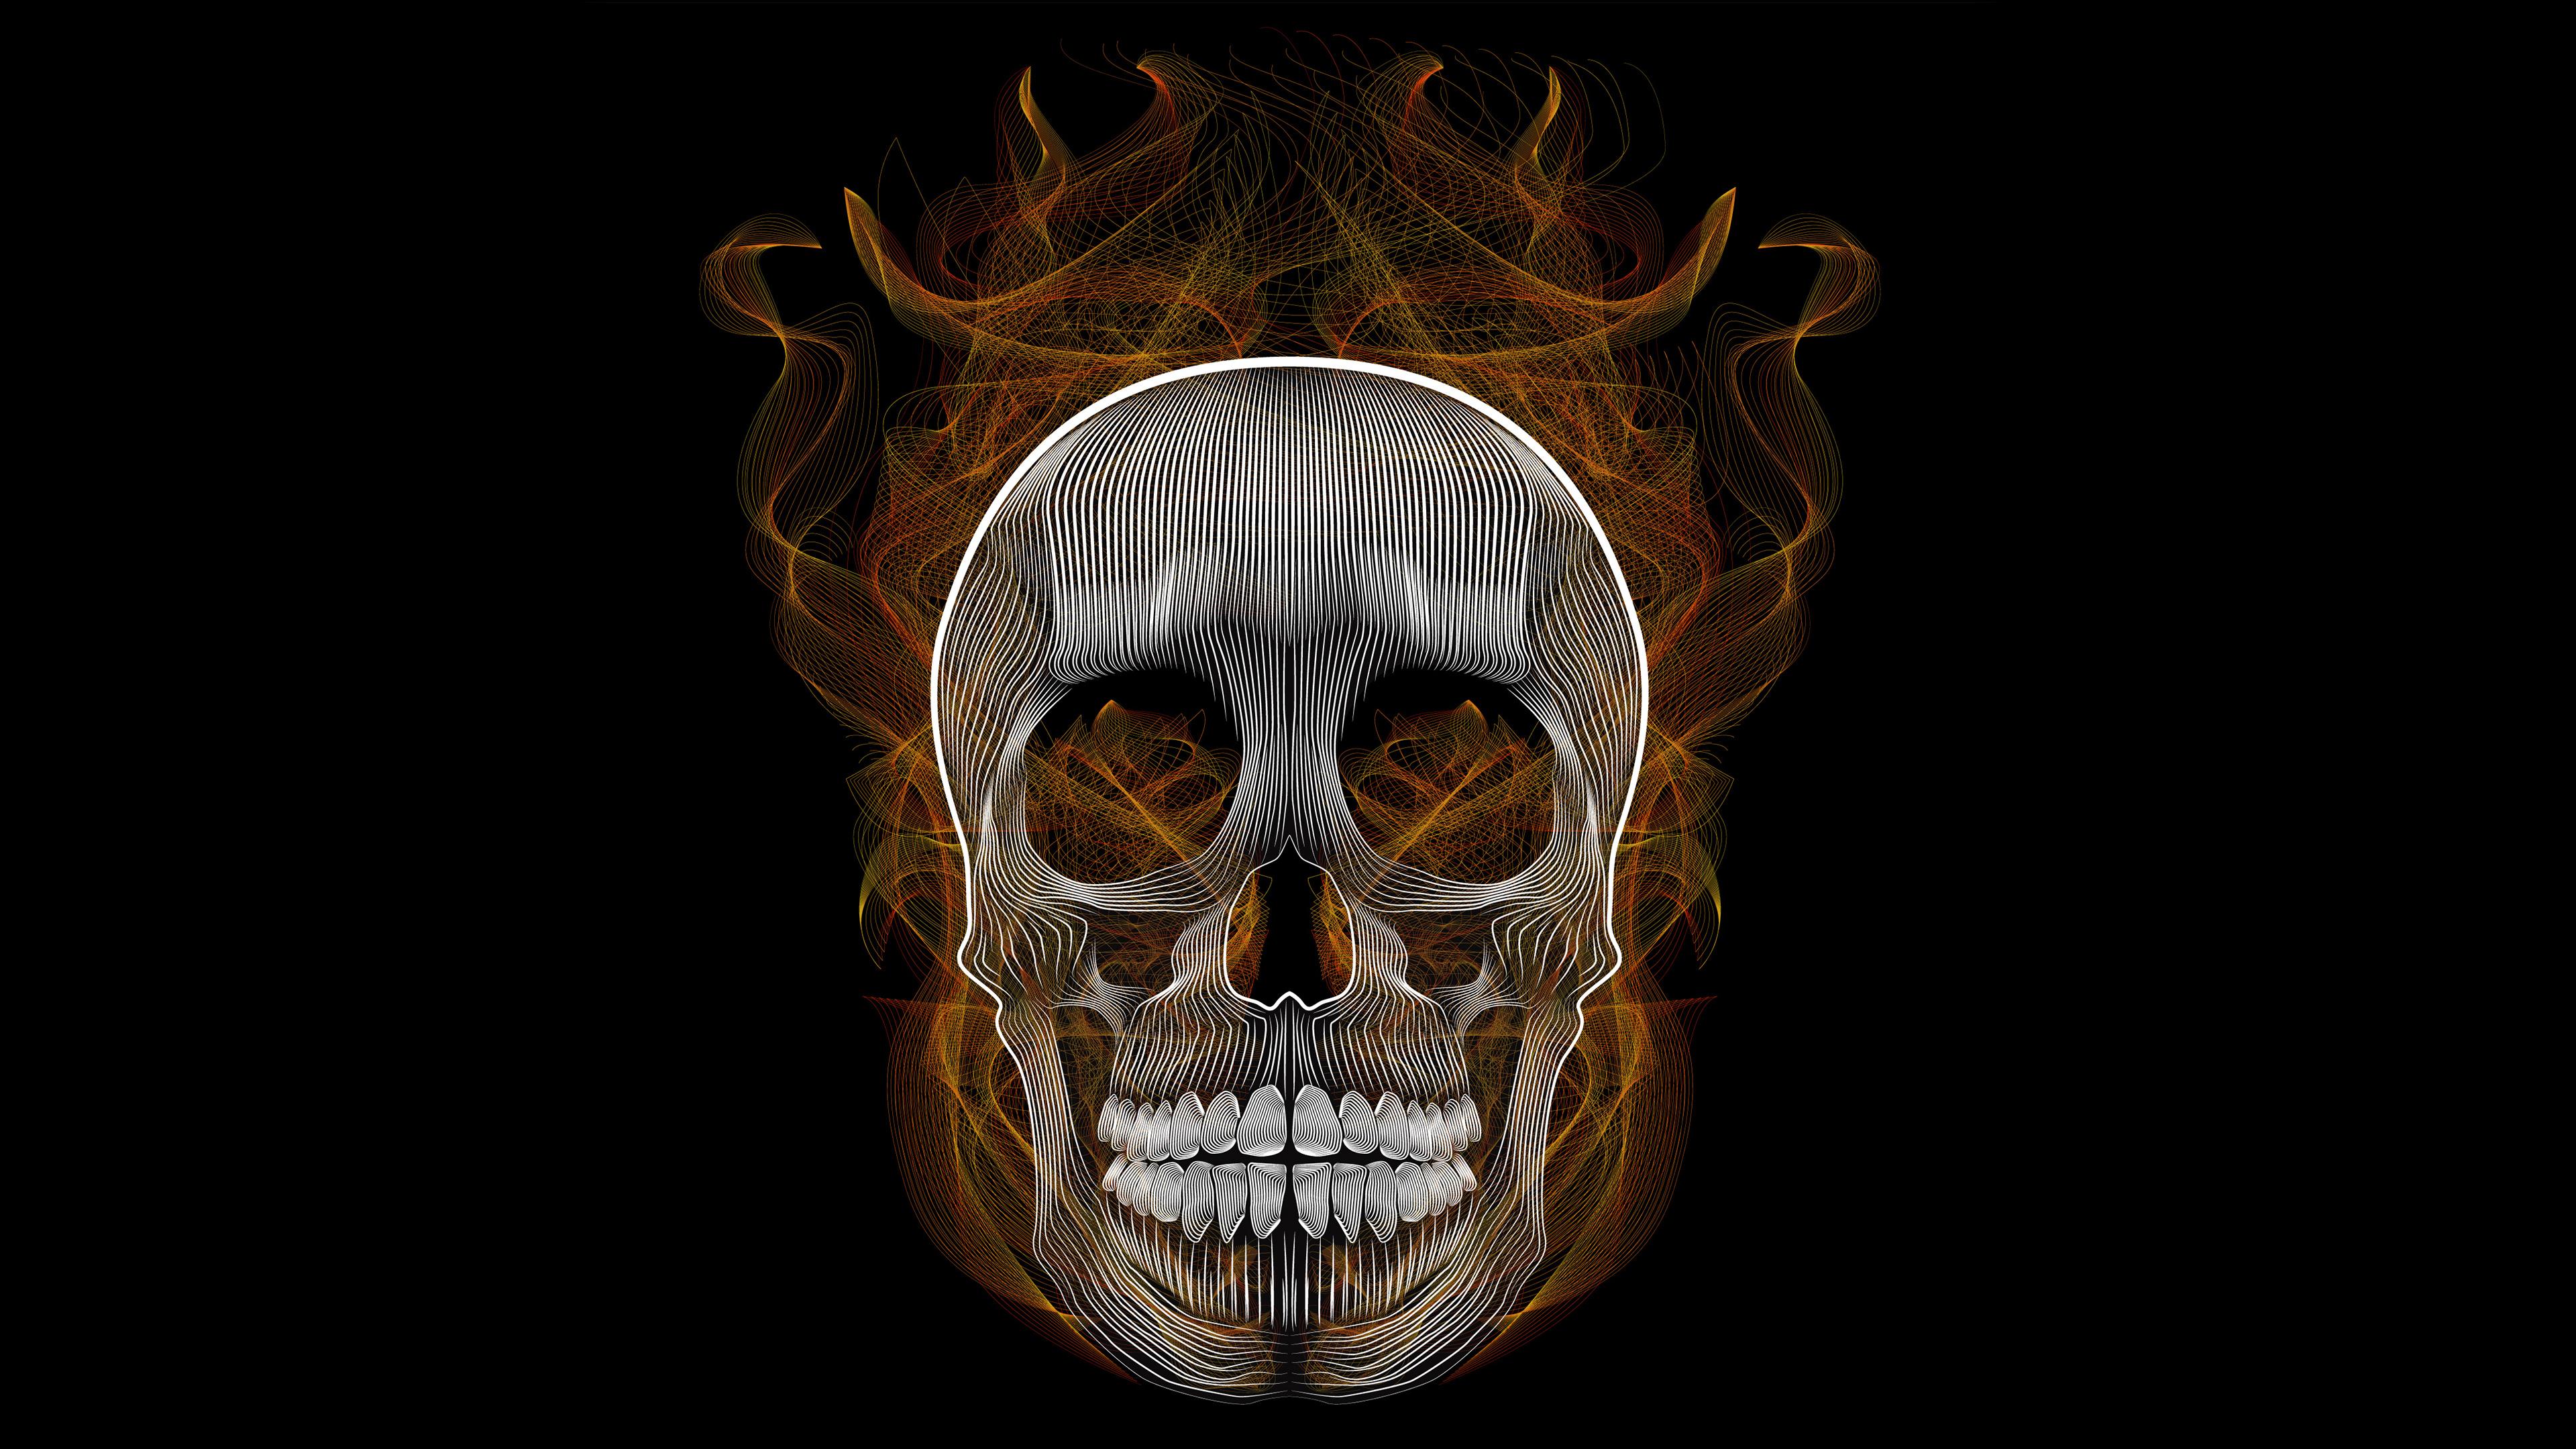 blend skull vector illustration 1541970925 - Blend Skull Vector Illustration - skull wallpapers, illustration wallpapers, hd-wallpapers, digital art wallpapers, behance wallpapers, artwork wallpapers, 4k-wallpapers